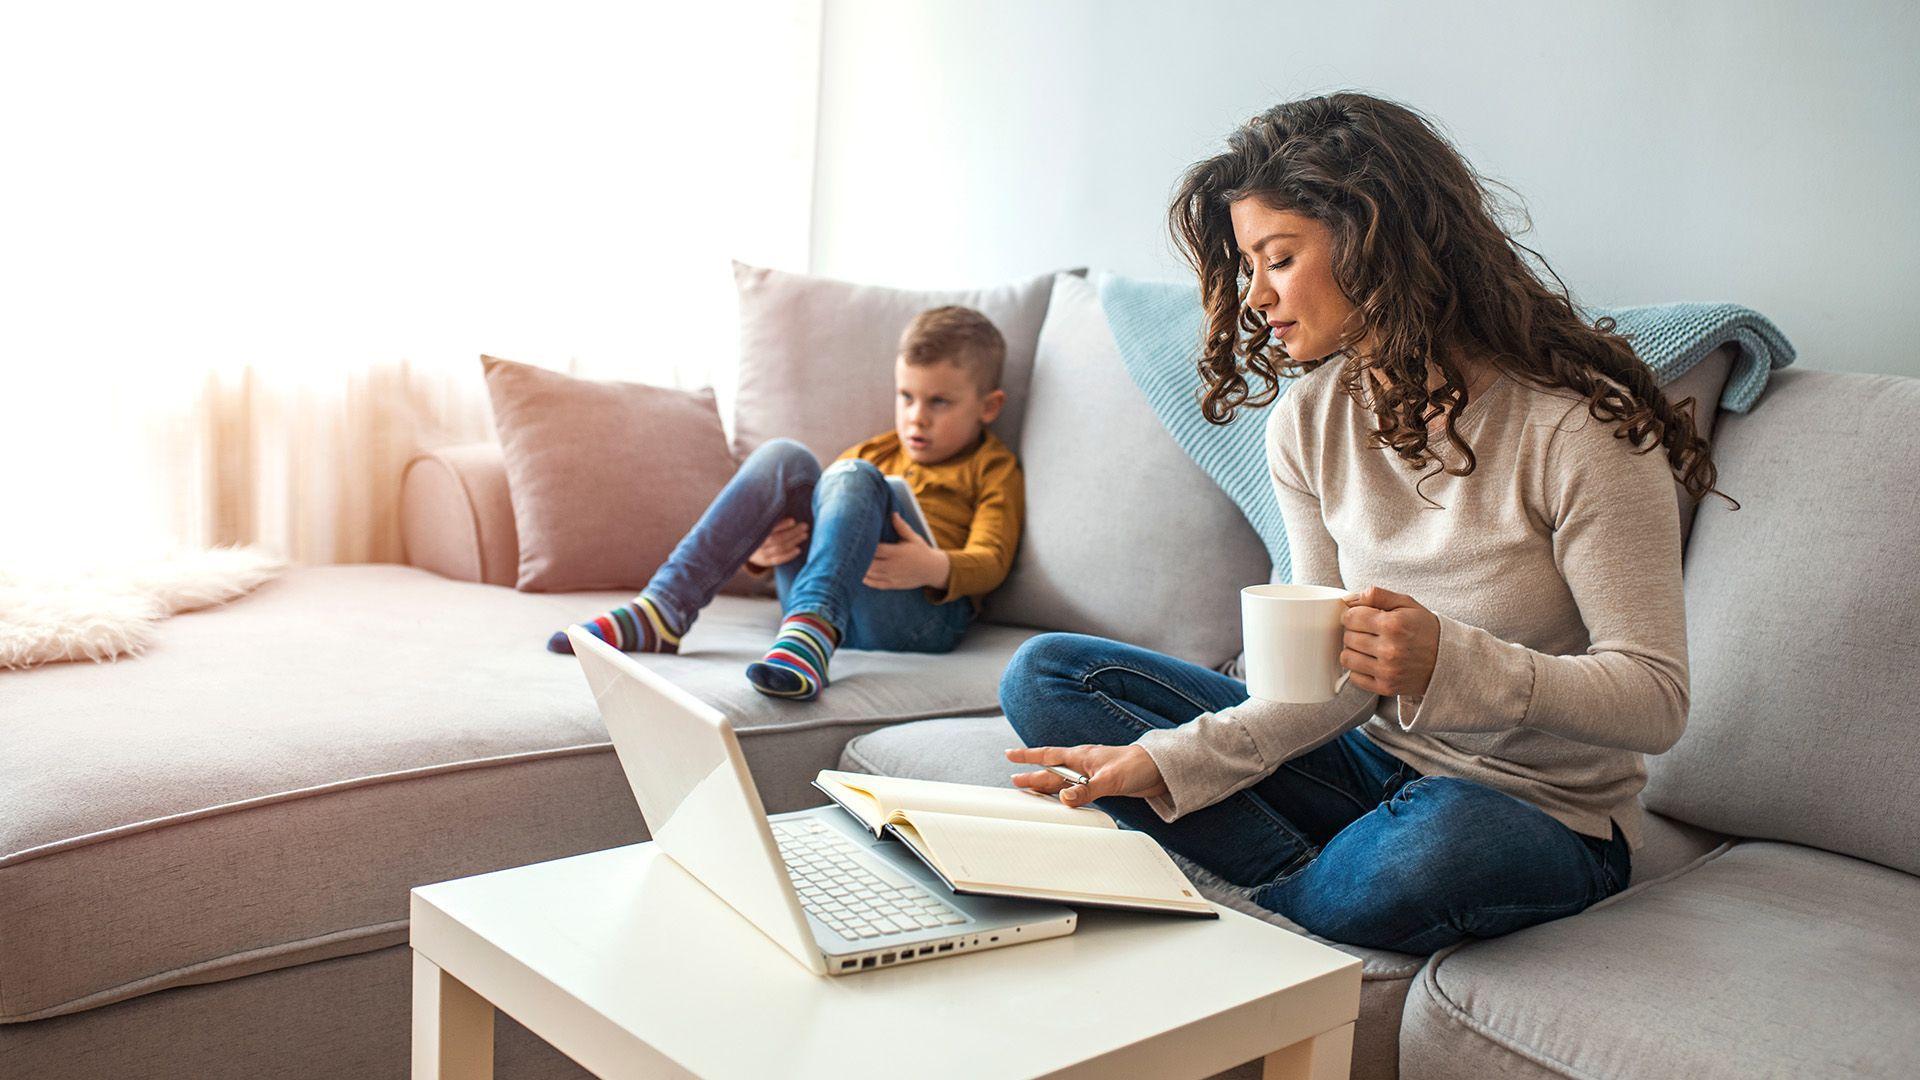 Thuiswerken met kinderen; hoe pak je dat slim aan?